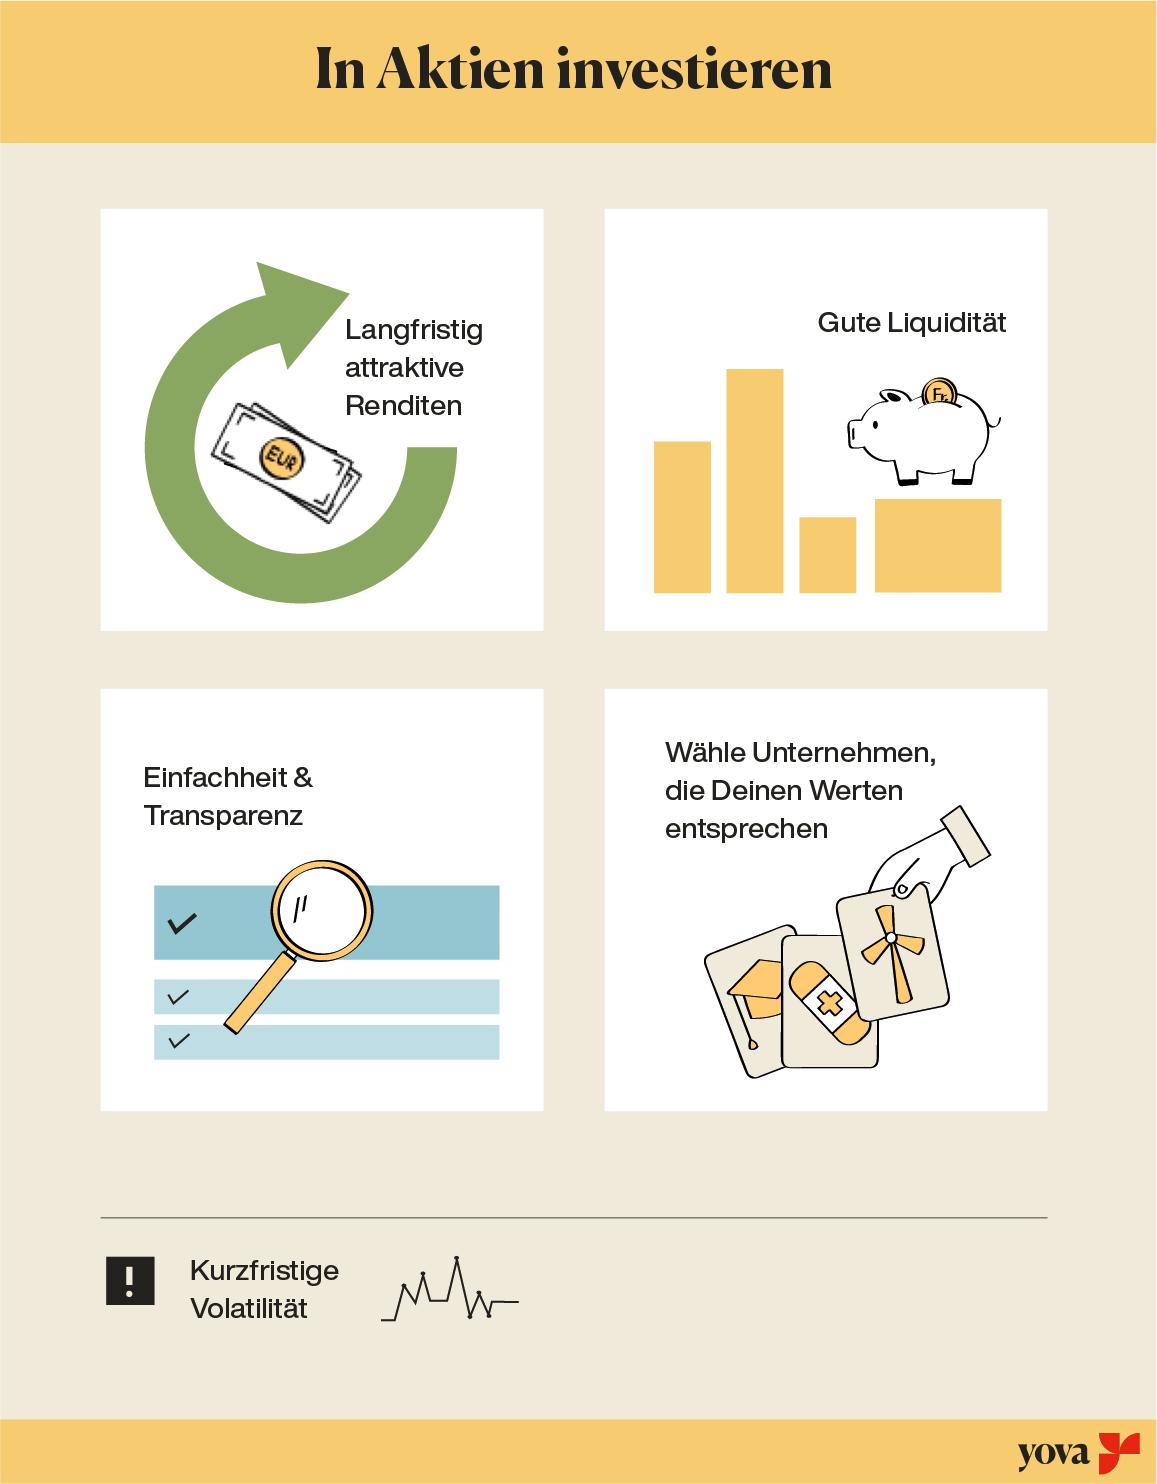 wo geld anlegen in aktien investieren Deutschland Yova